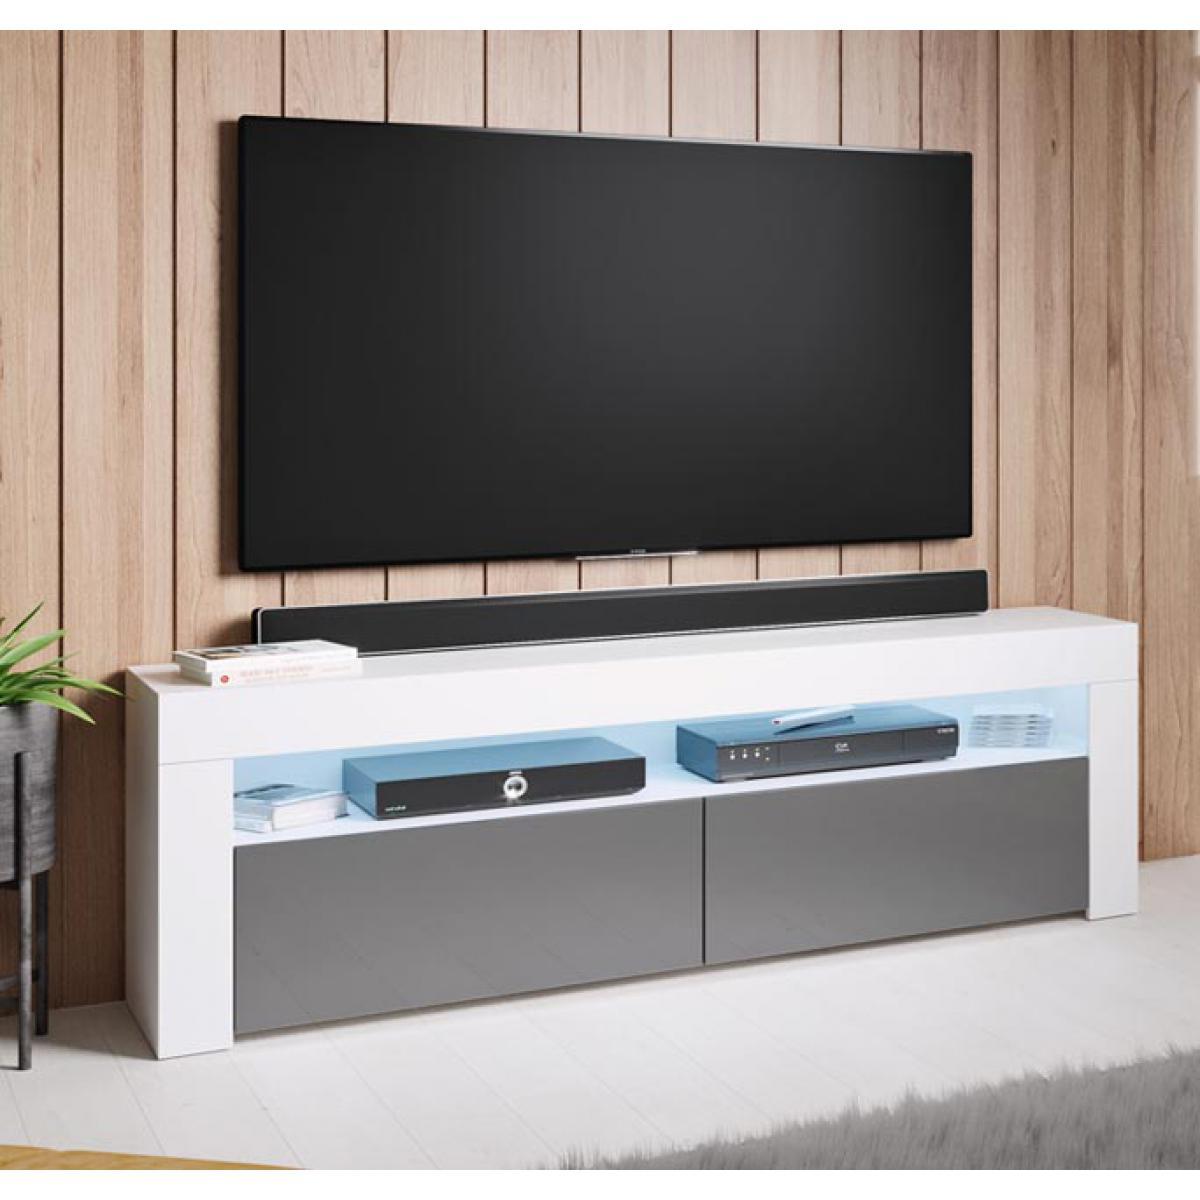 Design Ameublement Meuble TV modèle Aker (140x50,5cm) couleur blanc et gris